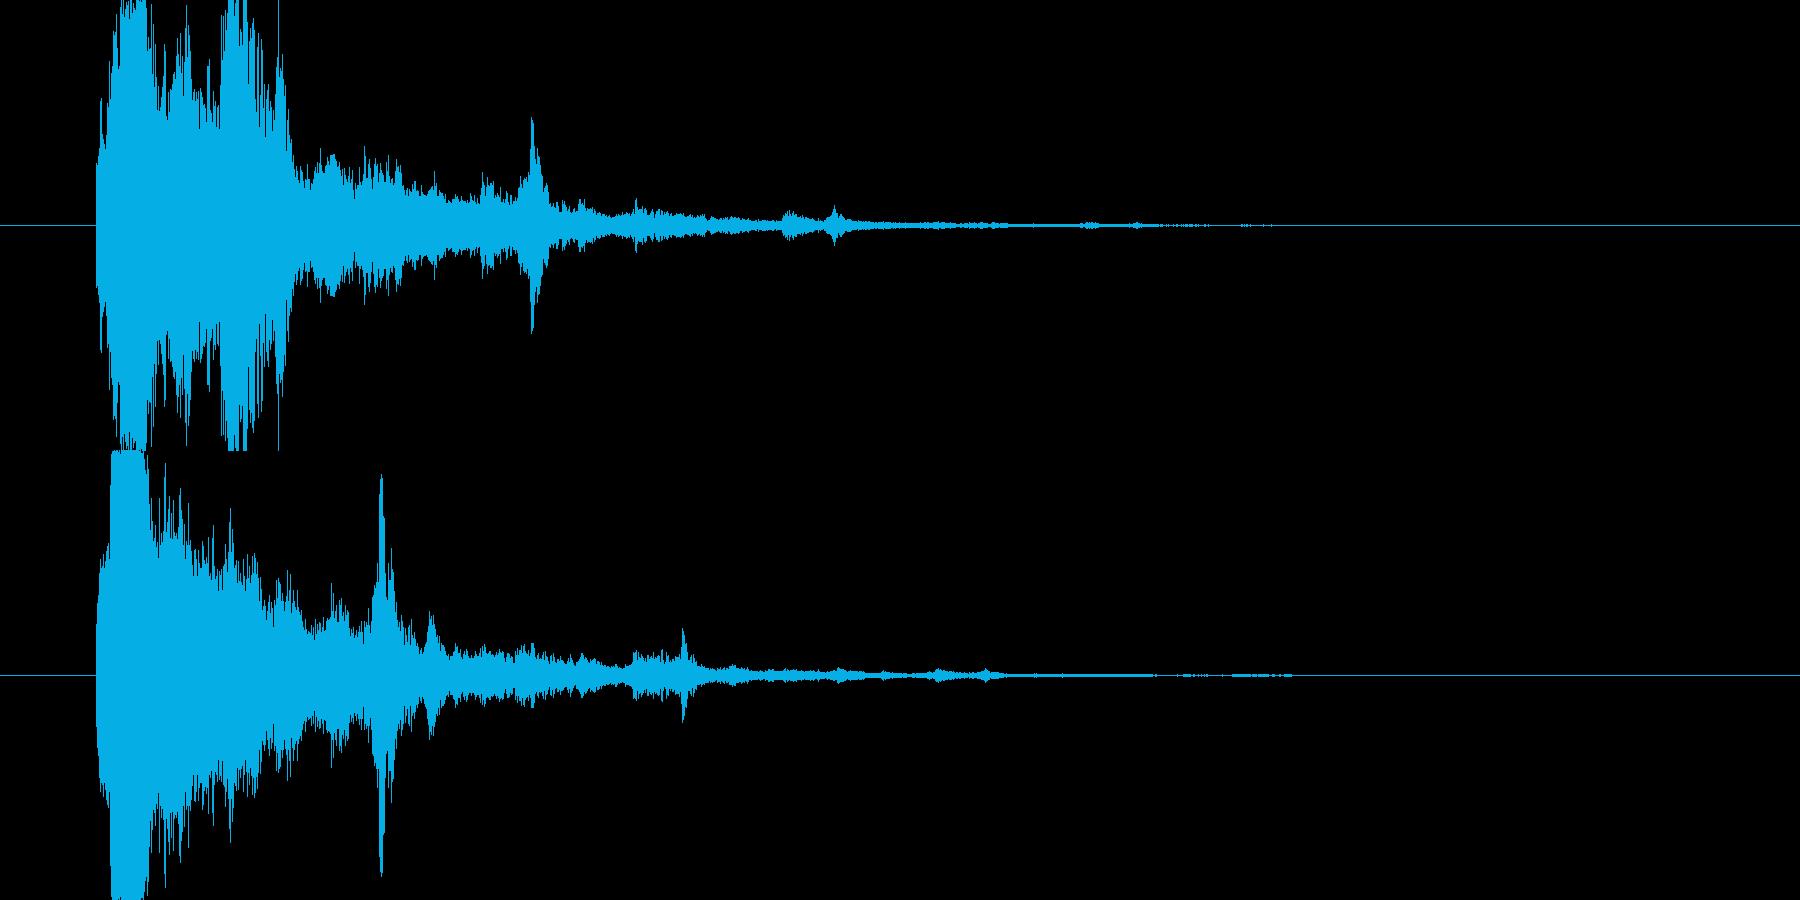 キラキラ(かわいい、星、ボタン、起動音)の再生済みの波形